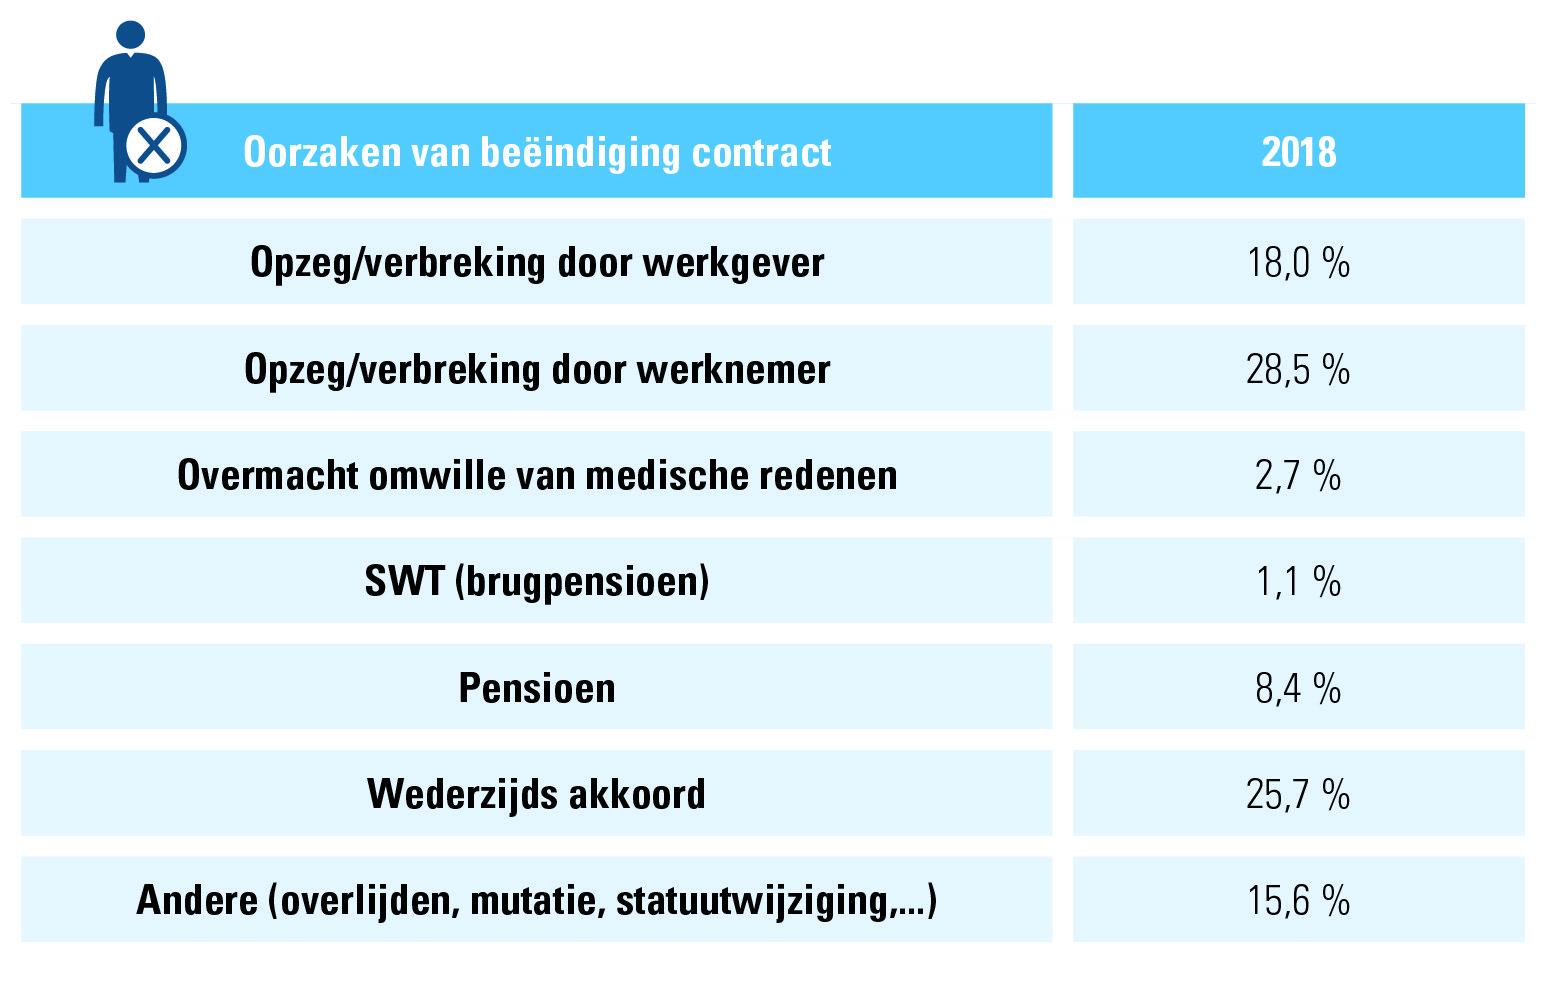 Tabel 4: arbeidsovereenkomsten onbepaalde duur 2018, redenen van beëindiging